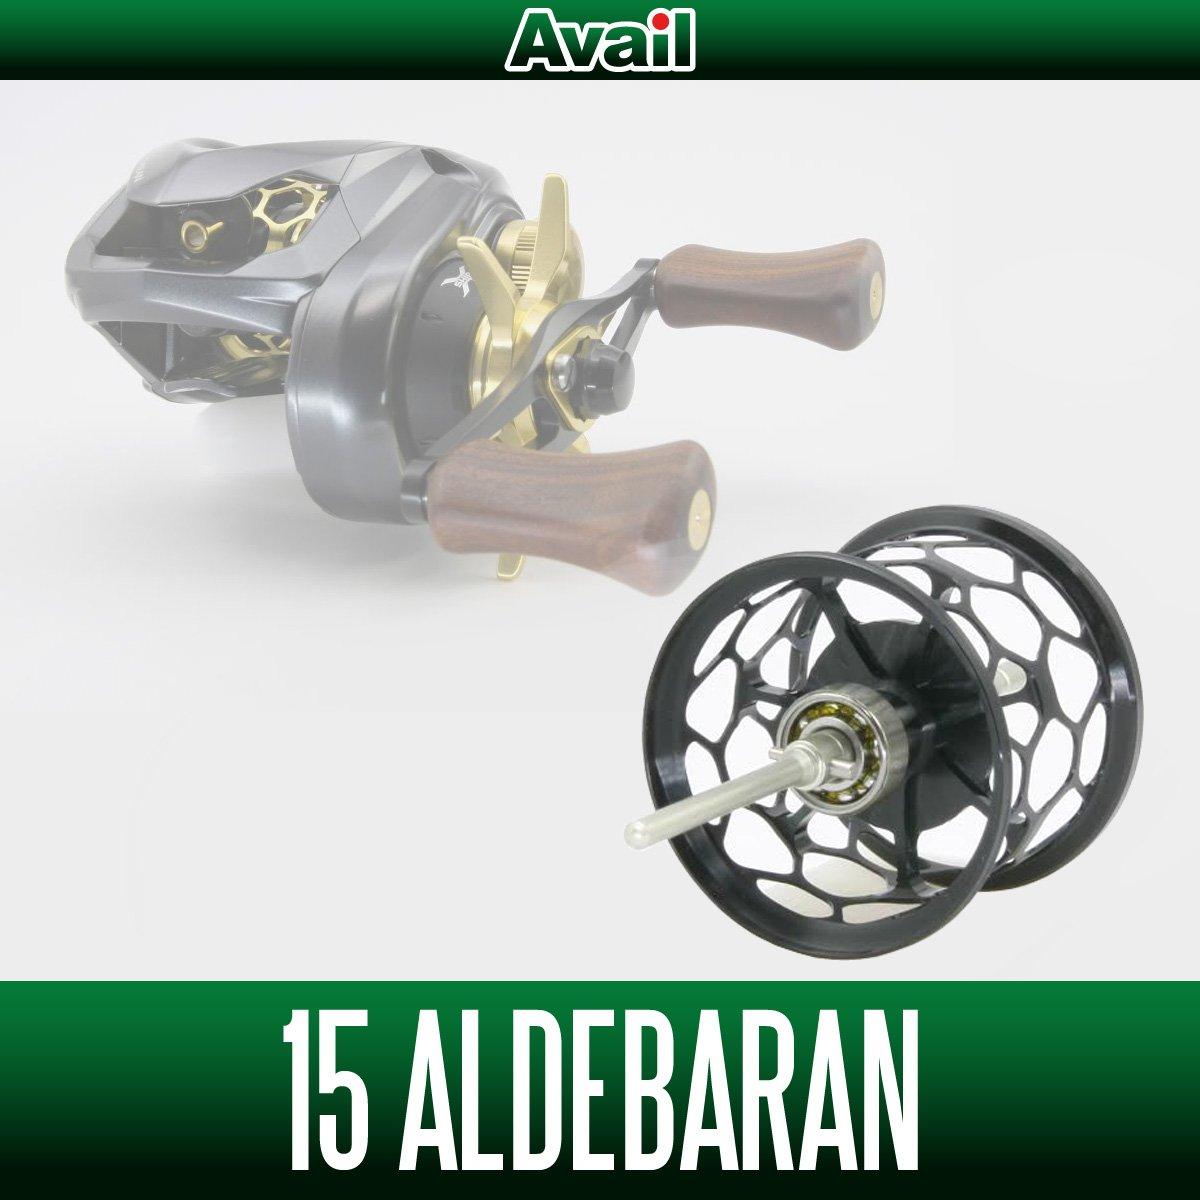 【Avail/アベイル】 シマノ 15アルデバラン用 マイクロキャストスプール ALD1518TRI ブラック   B01DTUELSY